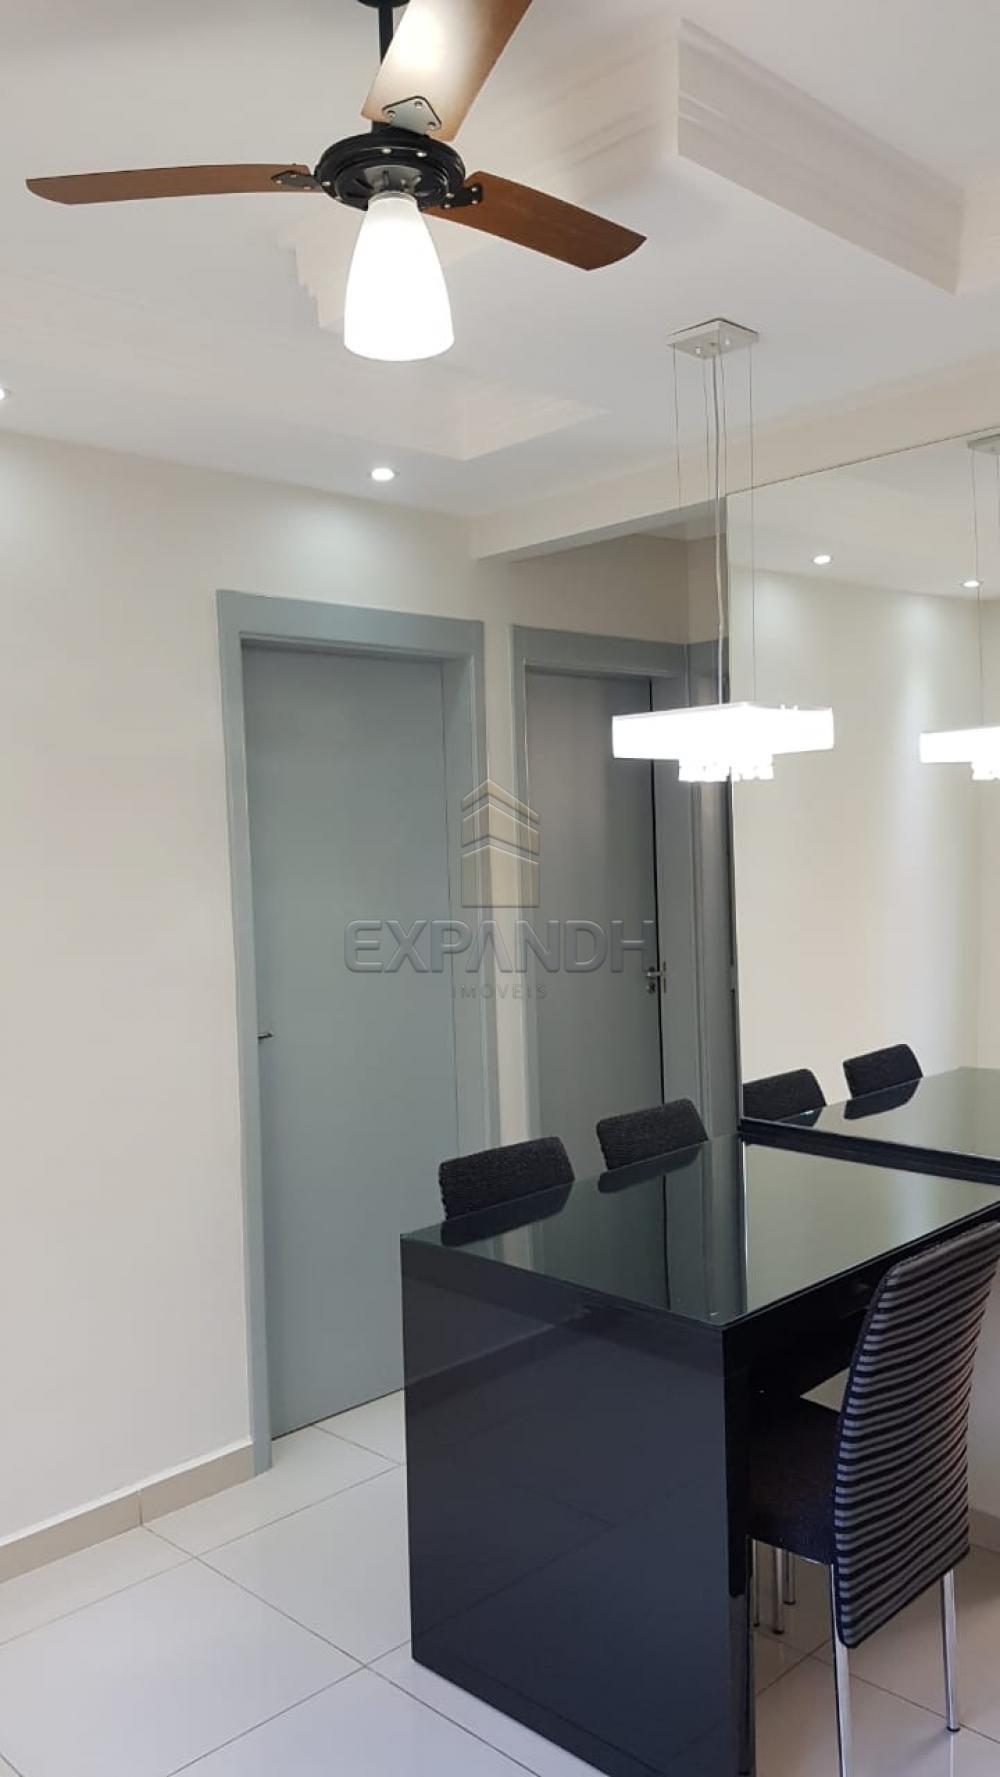 Comprar Apartamentos / Padrão em Sertãozinho R$ 150.000,00 - Foto 15